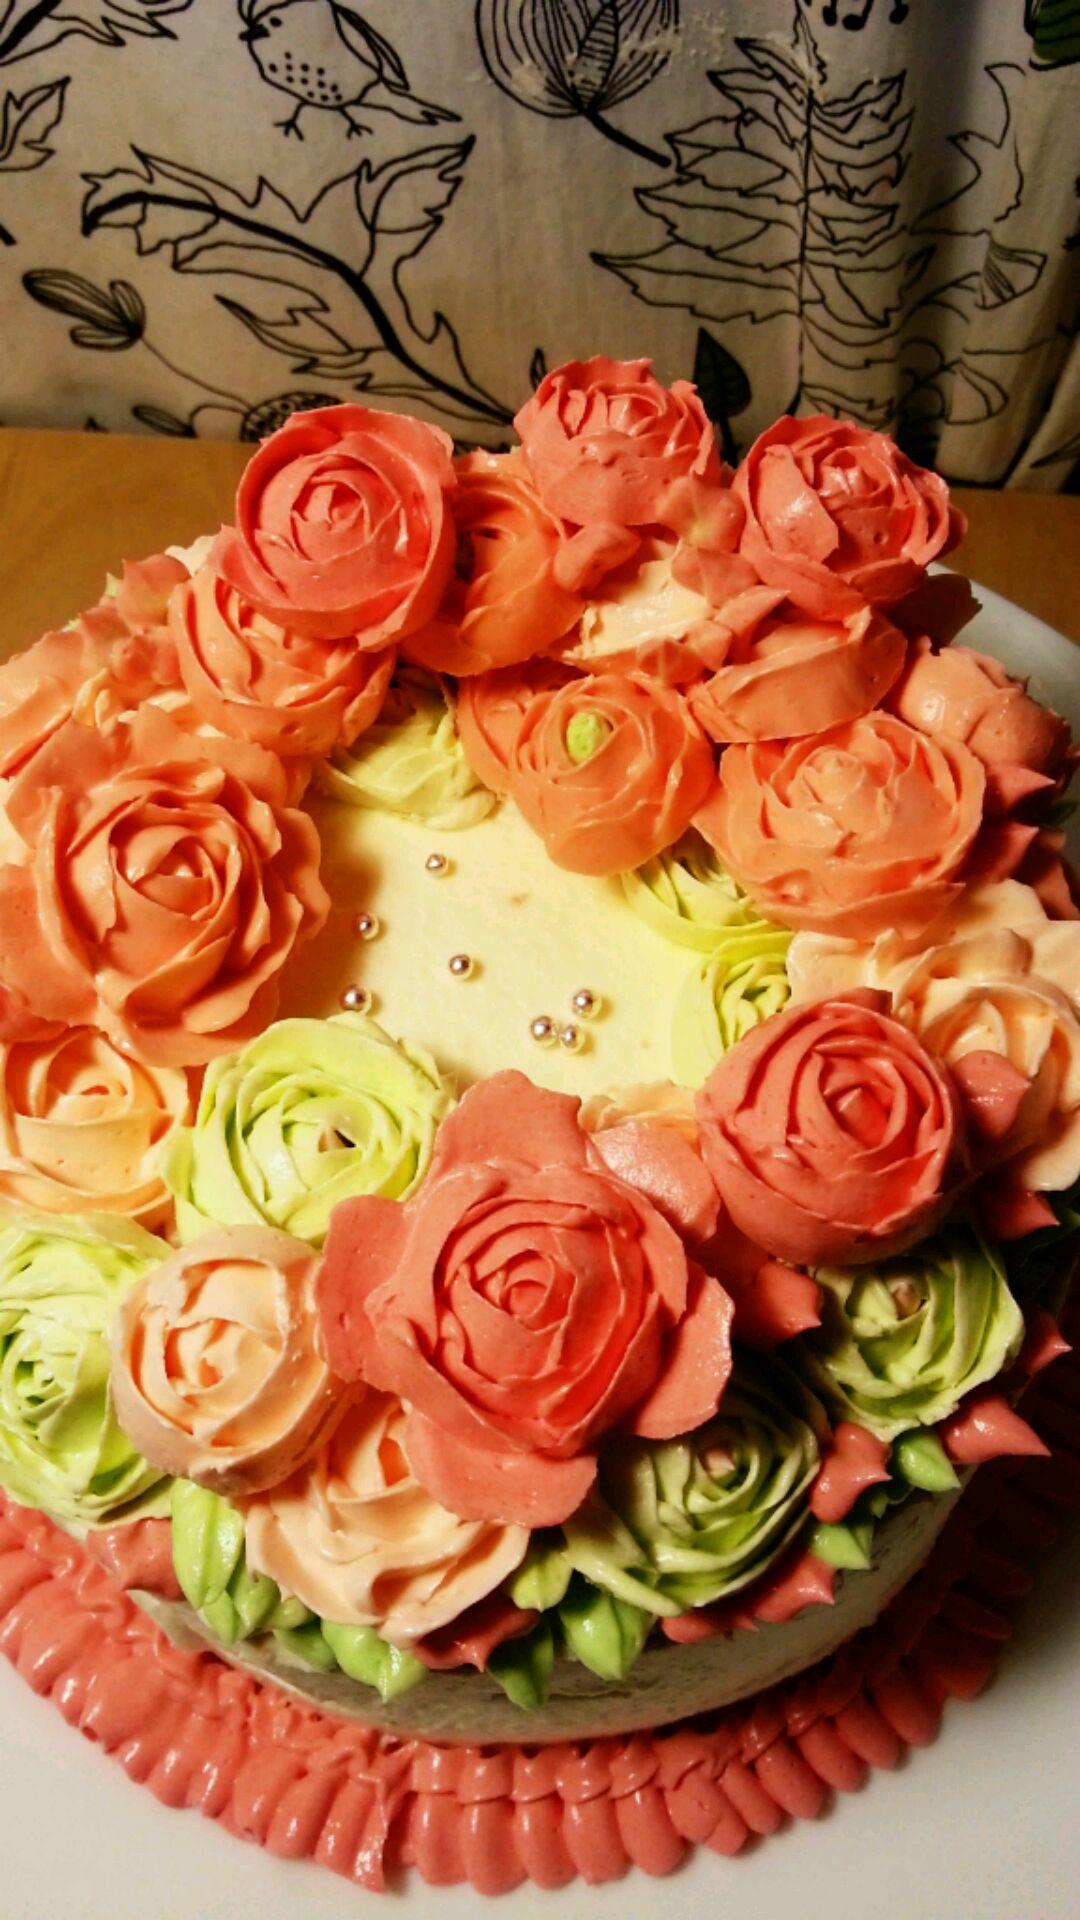 6寸奶油霜裱花蛋糕a110的做法_【图解】6寸奶油霜裱花